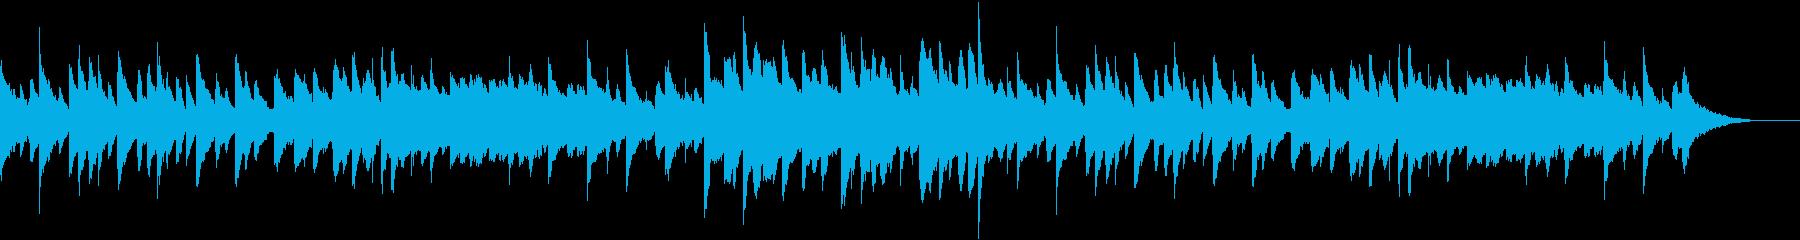 琴や尺八を使った、和風のテイストの楽曲…の再生済みの波形